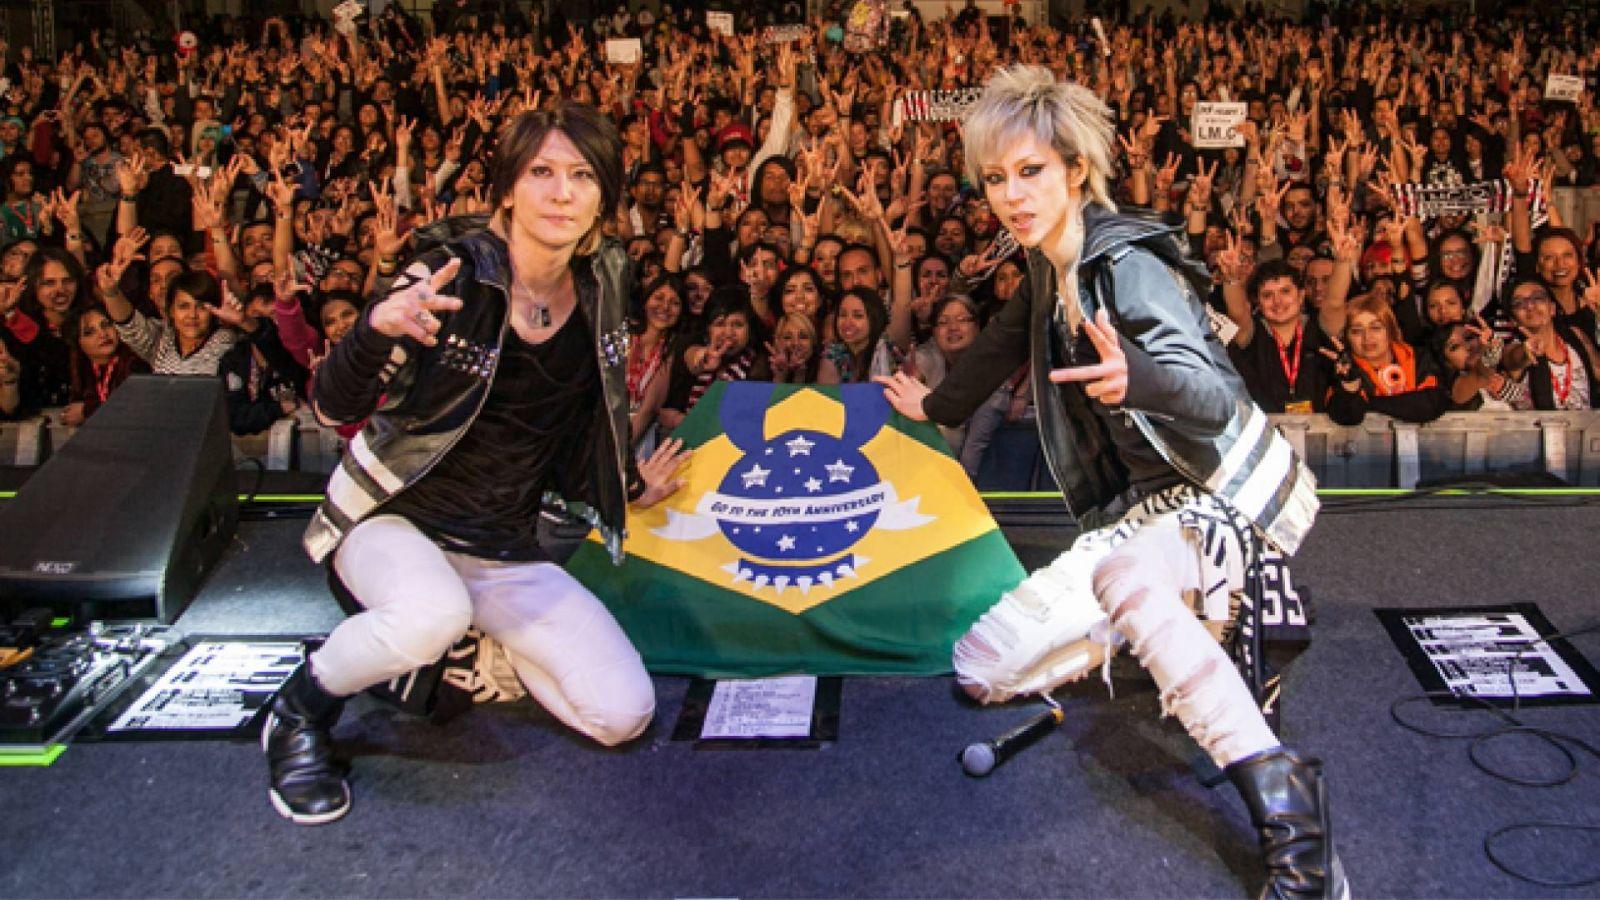 Entrevista com o LM.C no Brasil © Yamato Music